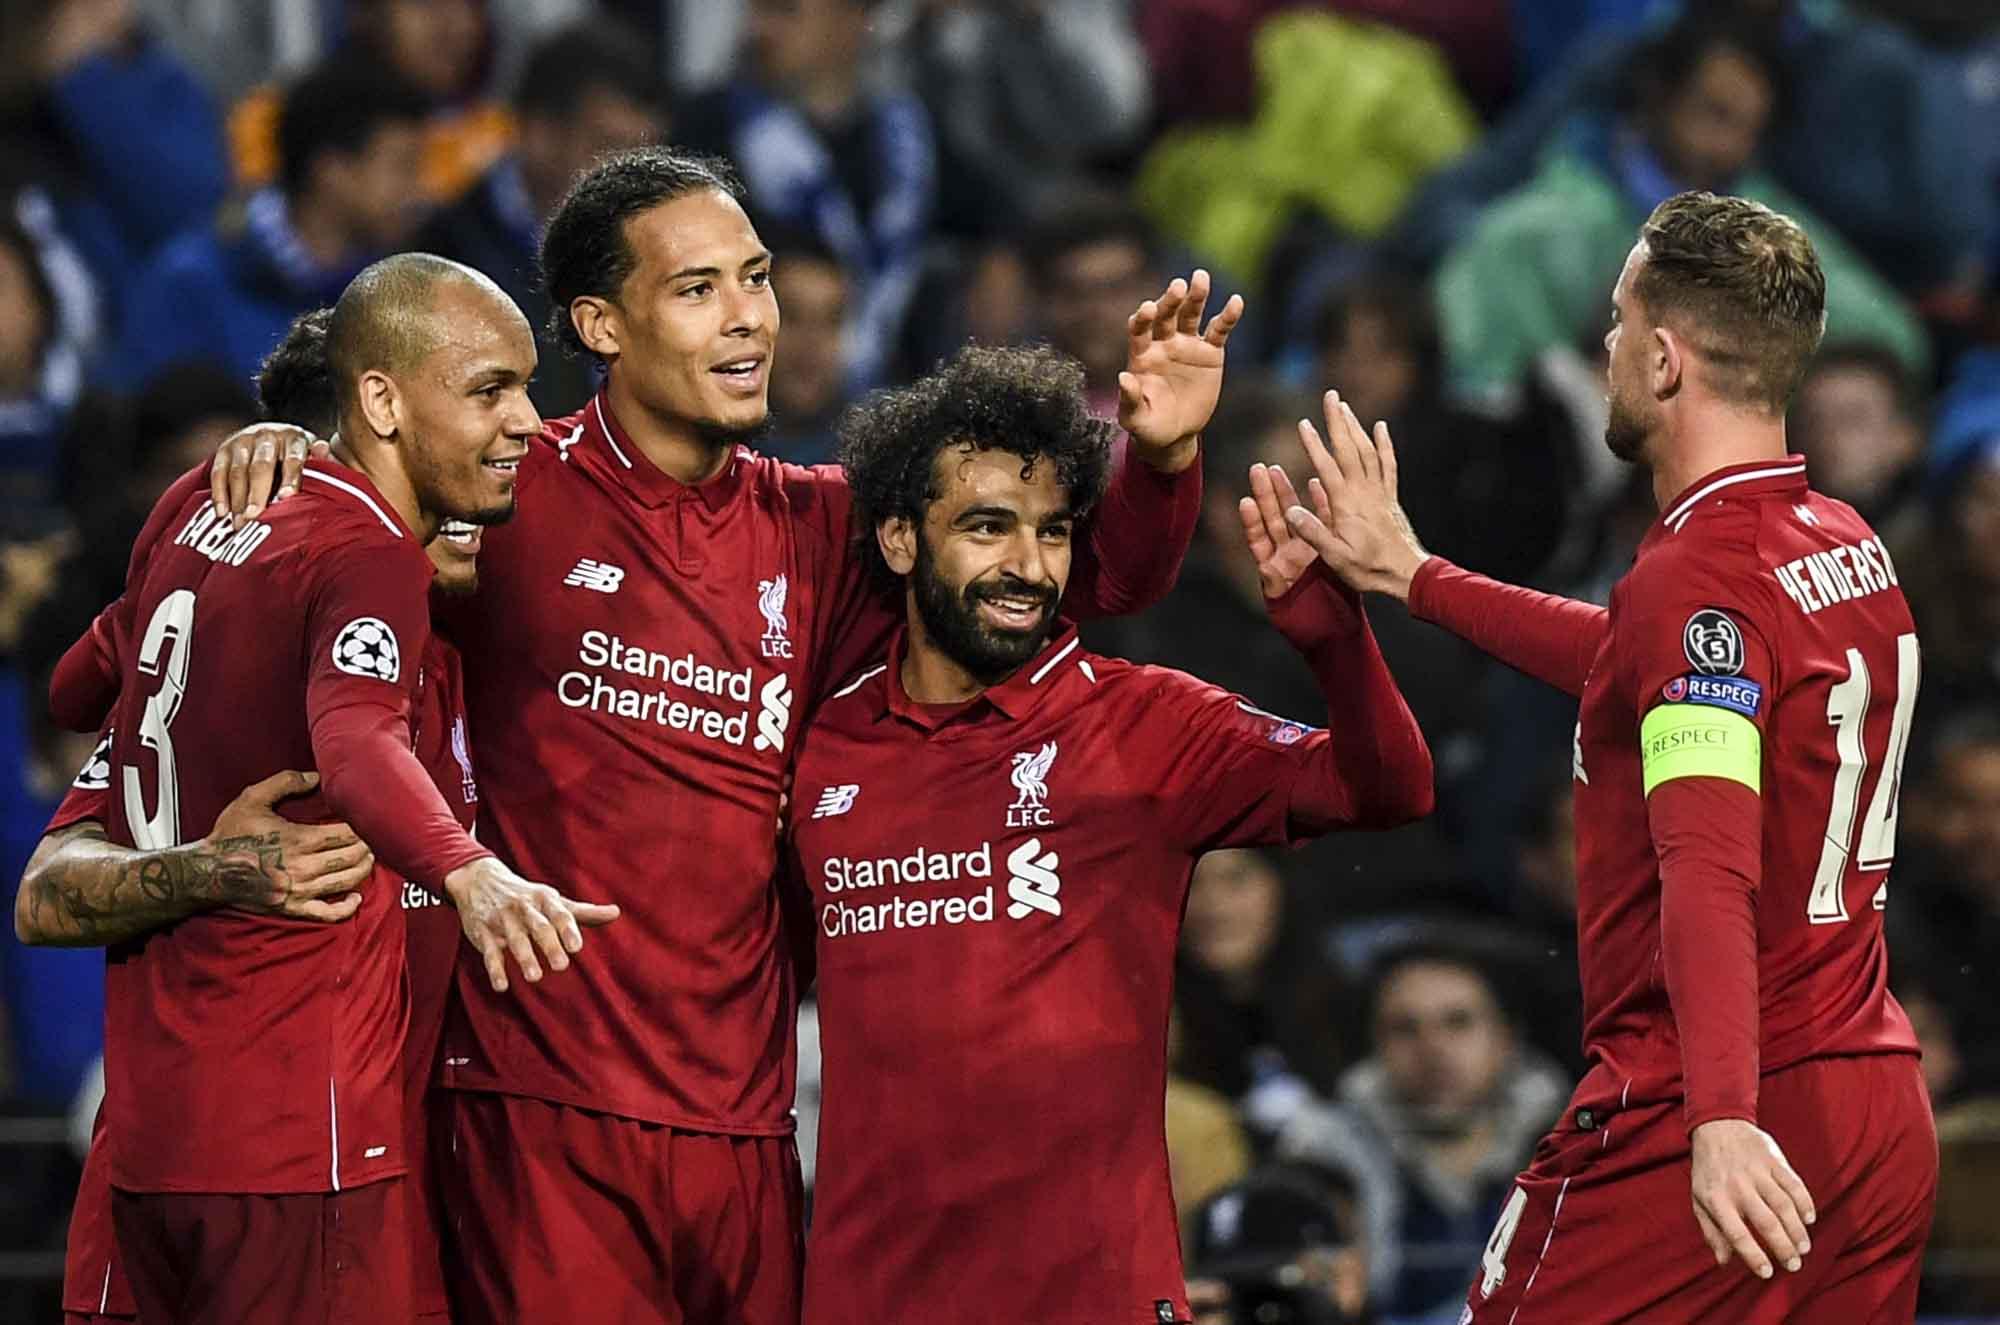 Los Jugadores Del Liverpool Celebran La Clasificacion A Las Semifinales De La Champions League